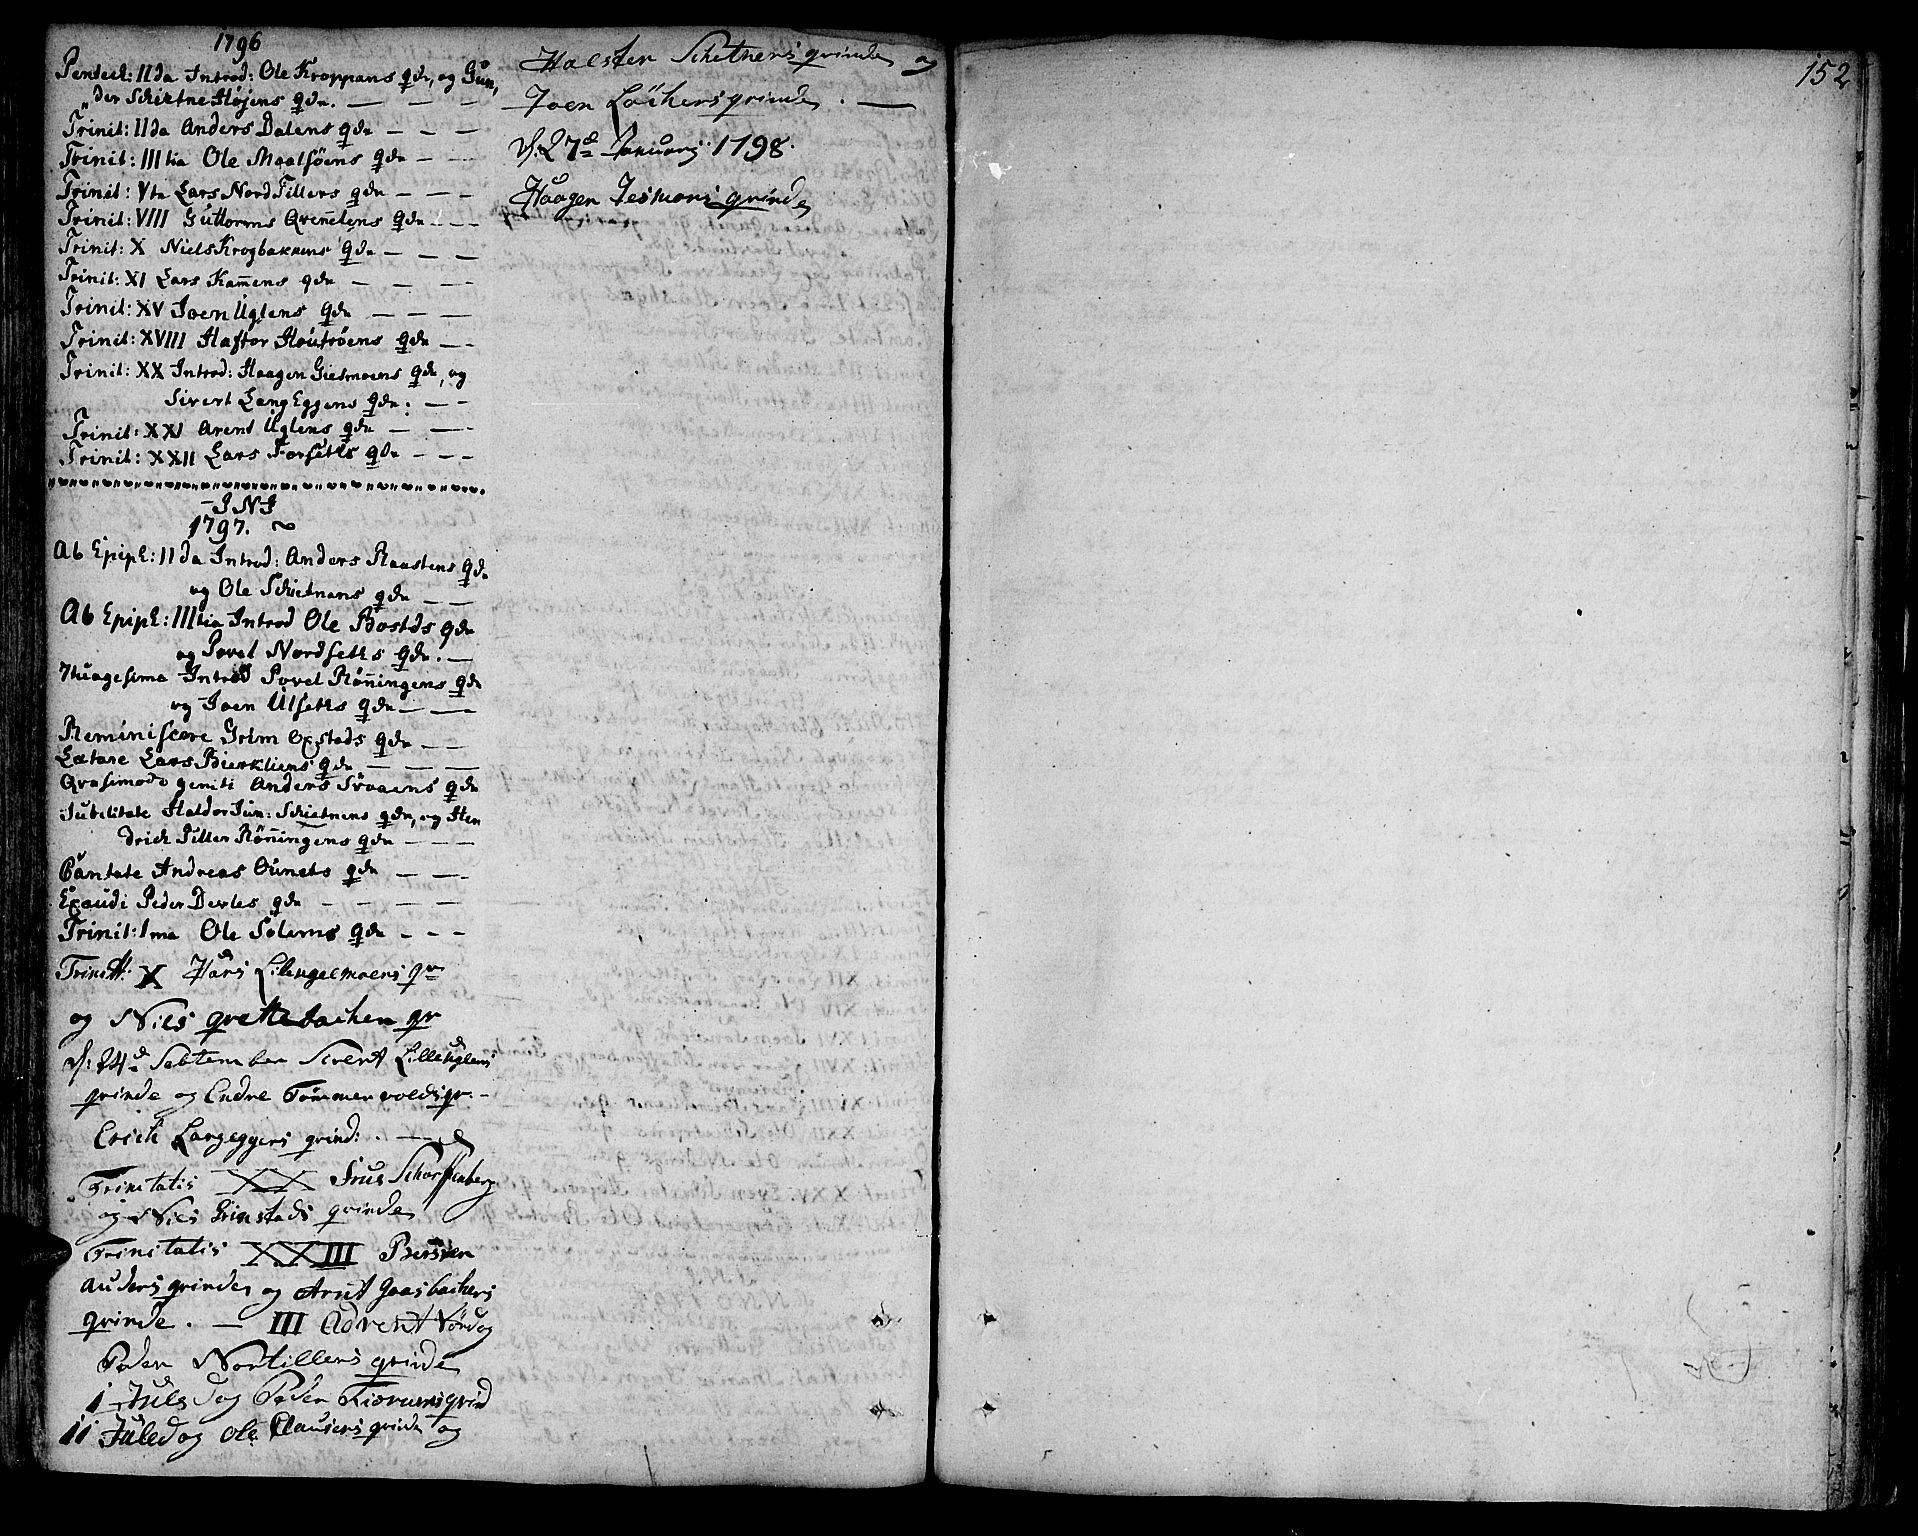 SAT, Ministerialprotokoller, klokkerbøker og fødselsregistre - Sør-Trøndelag, 618/L0438: Ministerialbok nr. 618A03, 1783-1815, s. 152